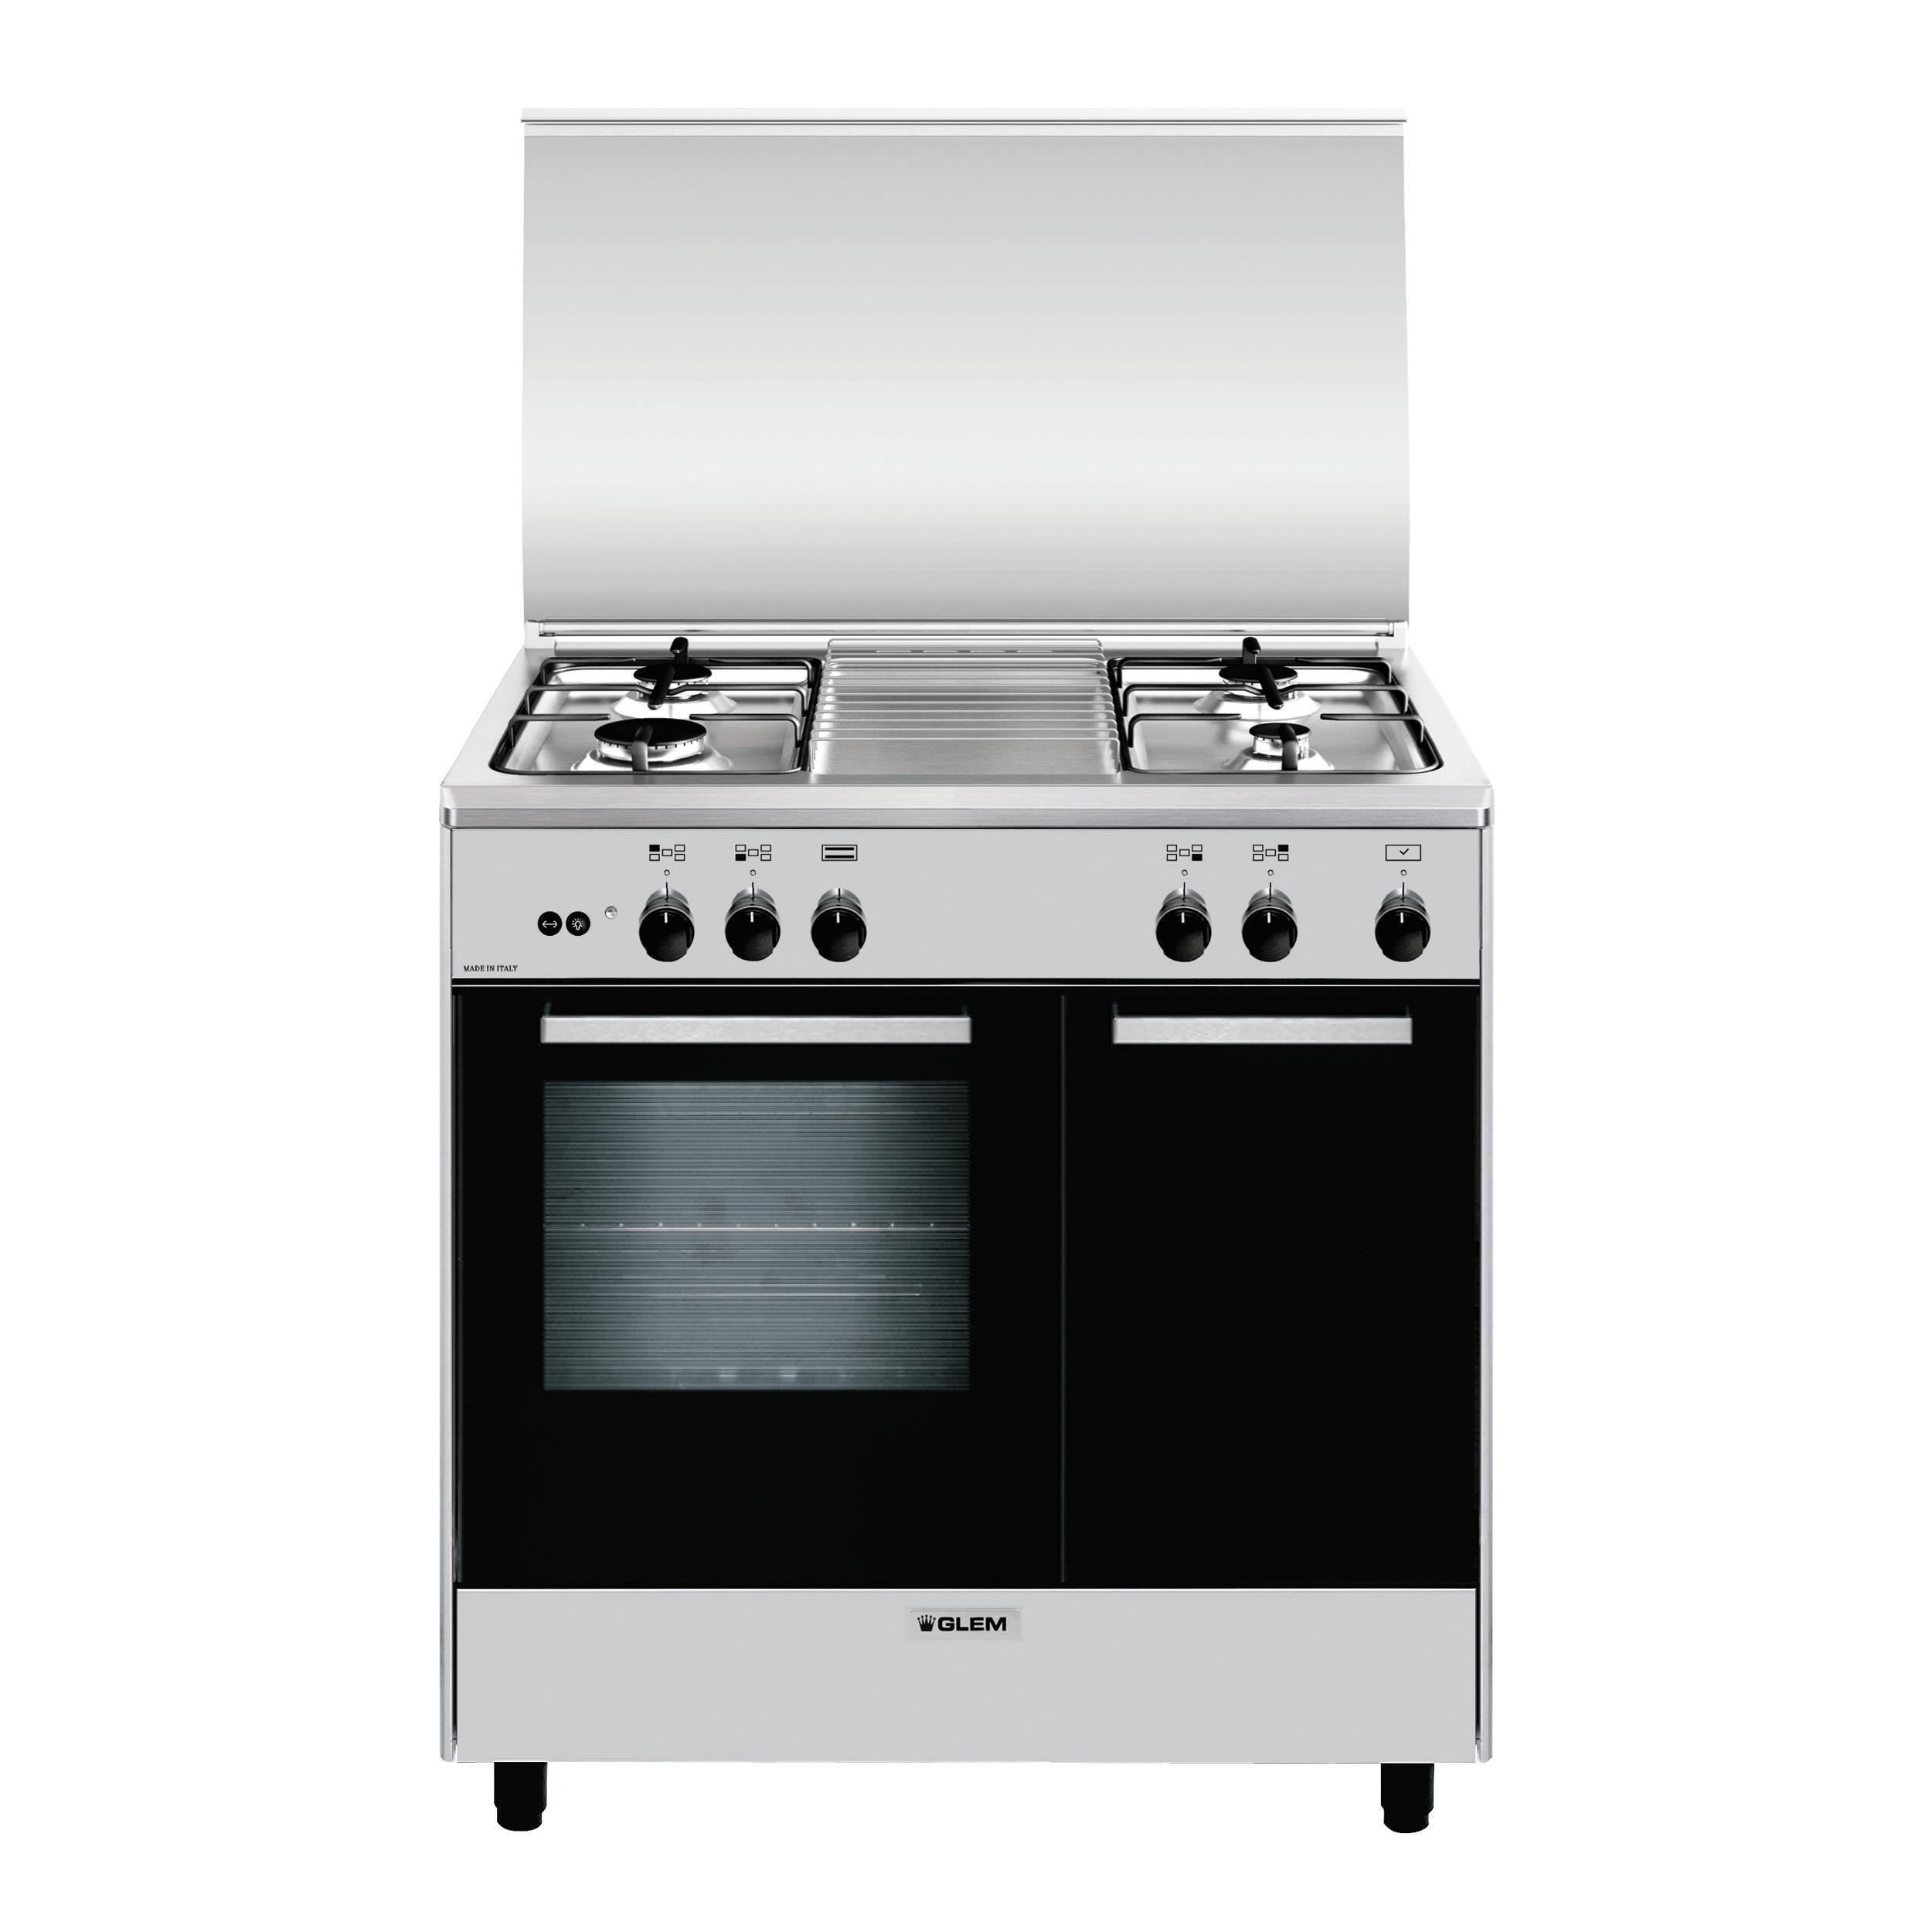 GLEM GAS AR854GI Cucina a Gas inox 80x50 Porta Bombola 4f gas,  Forno a gas, inox, Classe A